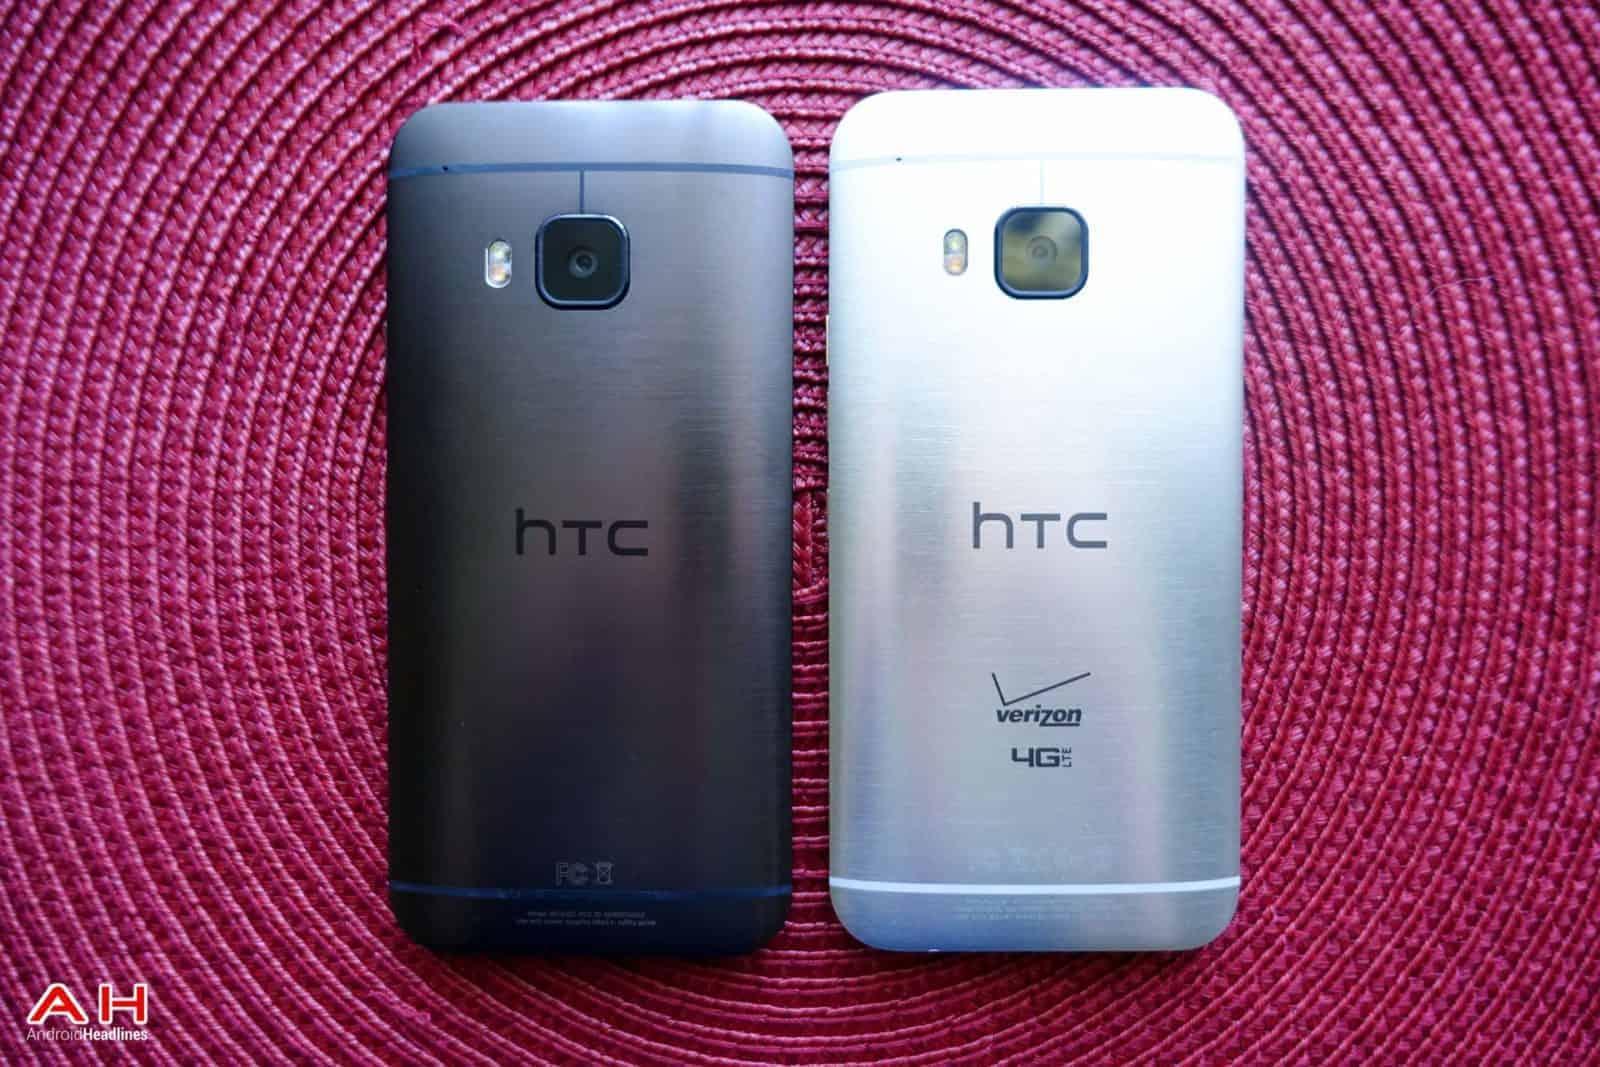 HTC-One-M9-2-AH-1